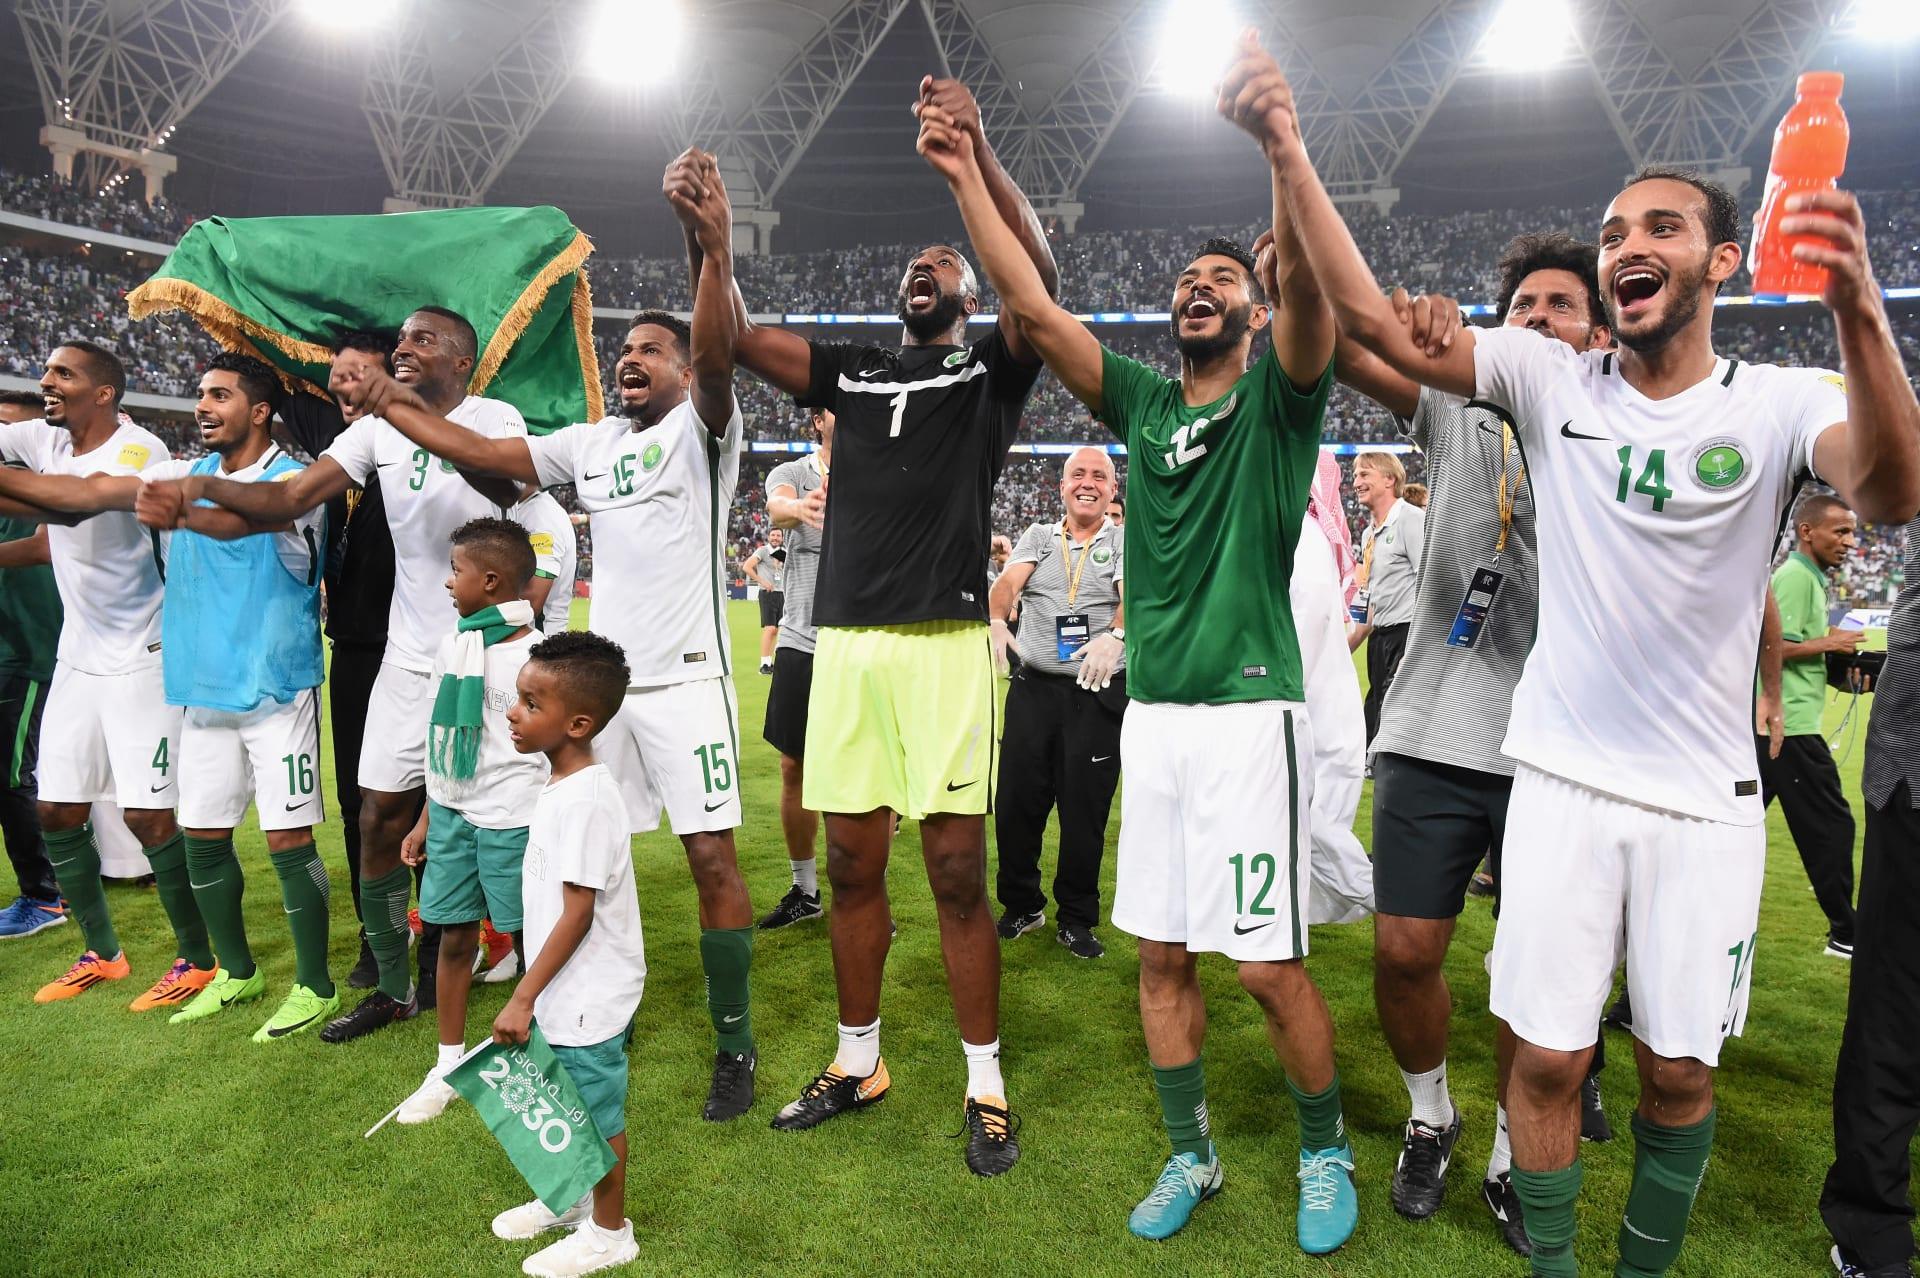 السعودية على موعد مع رقم آسيوي تاريخي حين تواجه روسيا بافتتاح كأس العالم